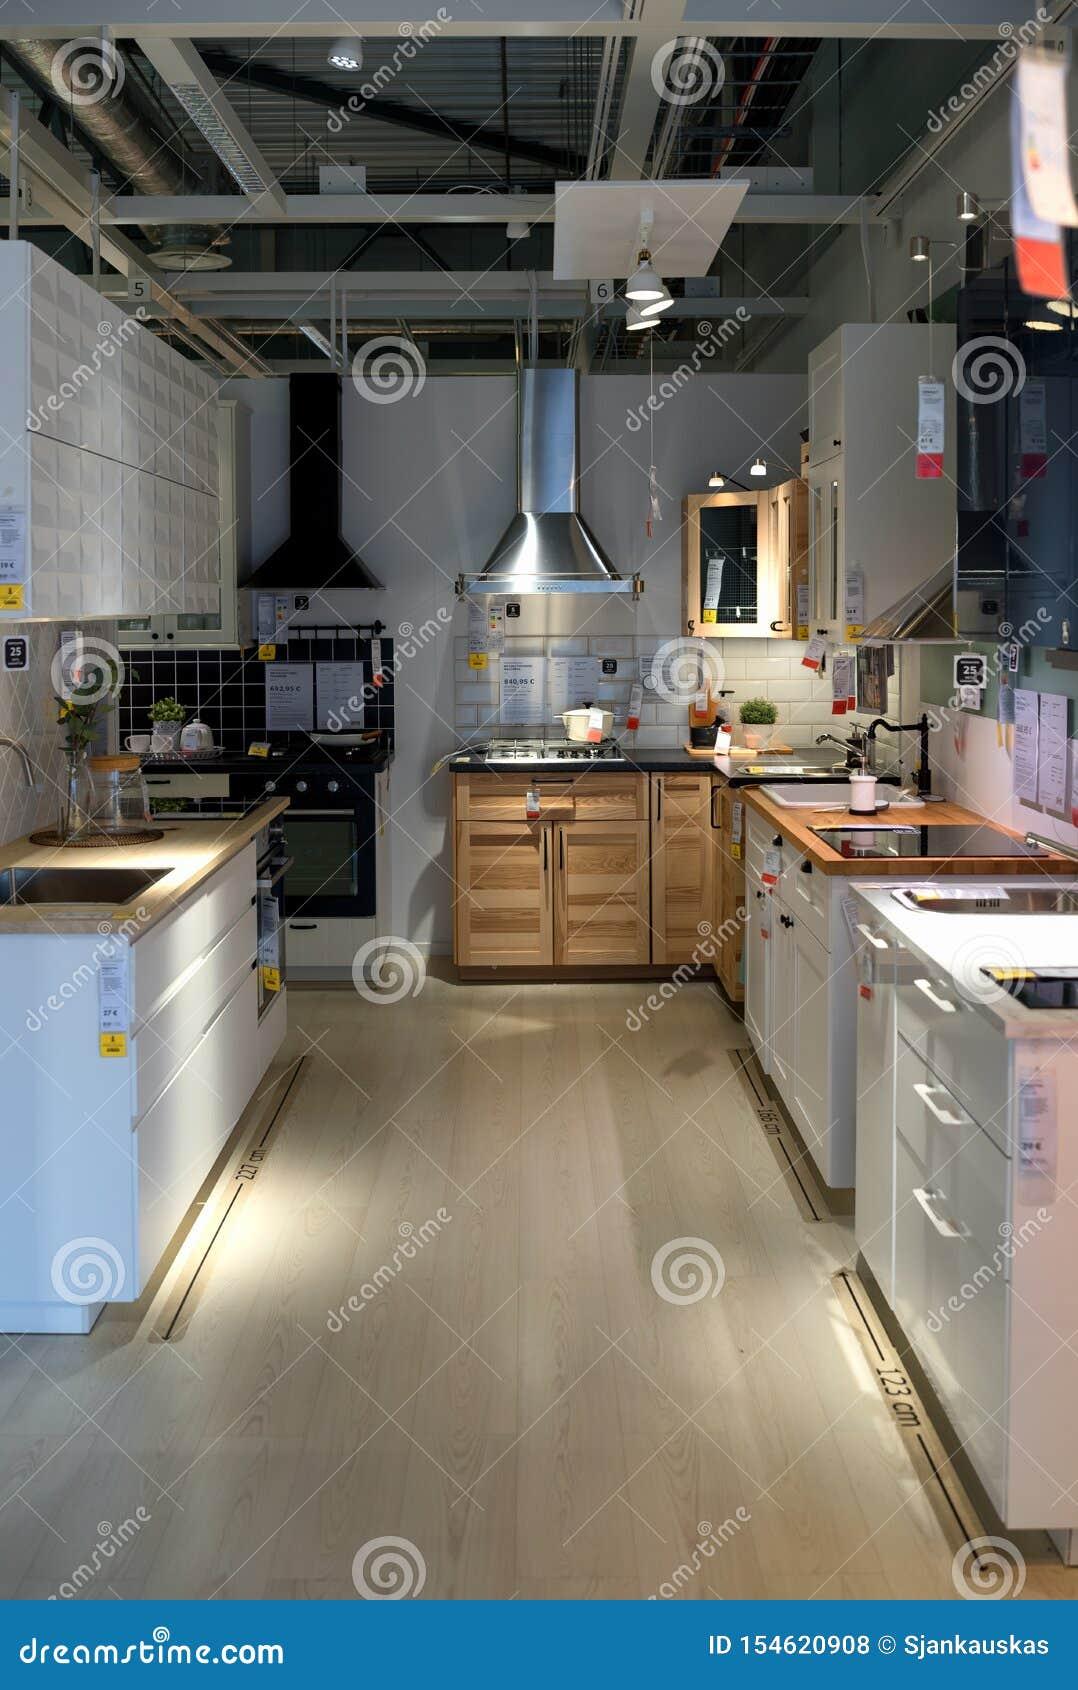 Meubles De Cuisine A Vendre Dans Le Magasin D Ikea Conception